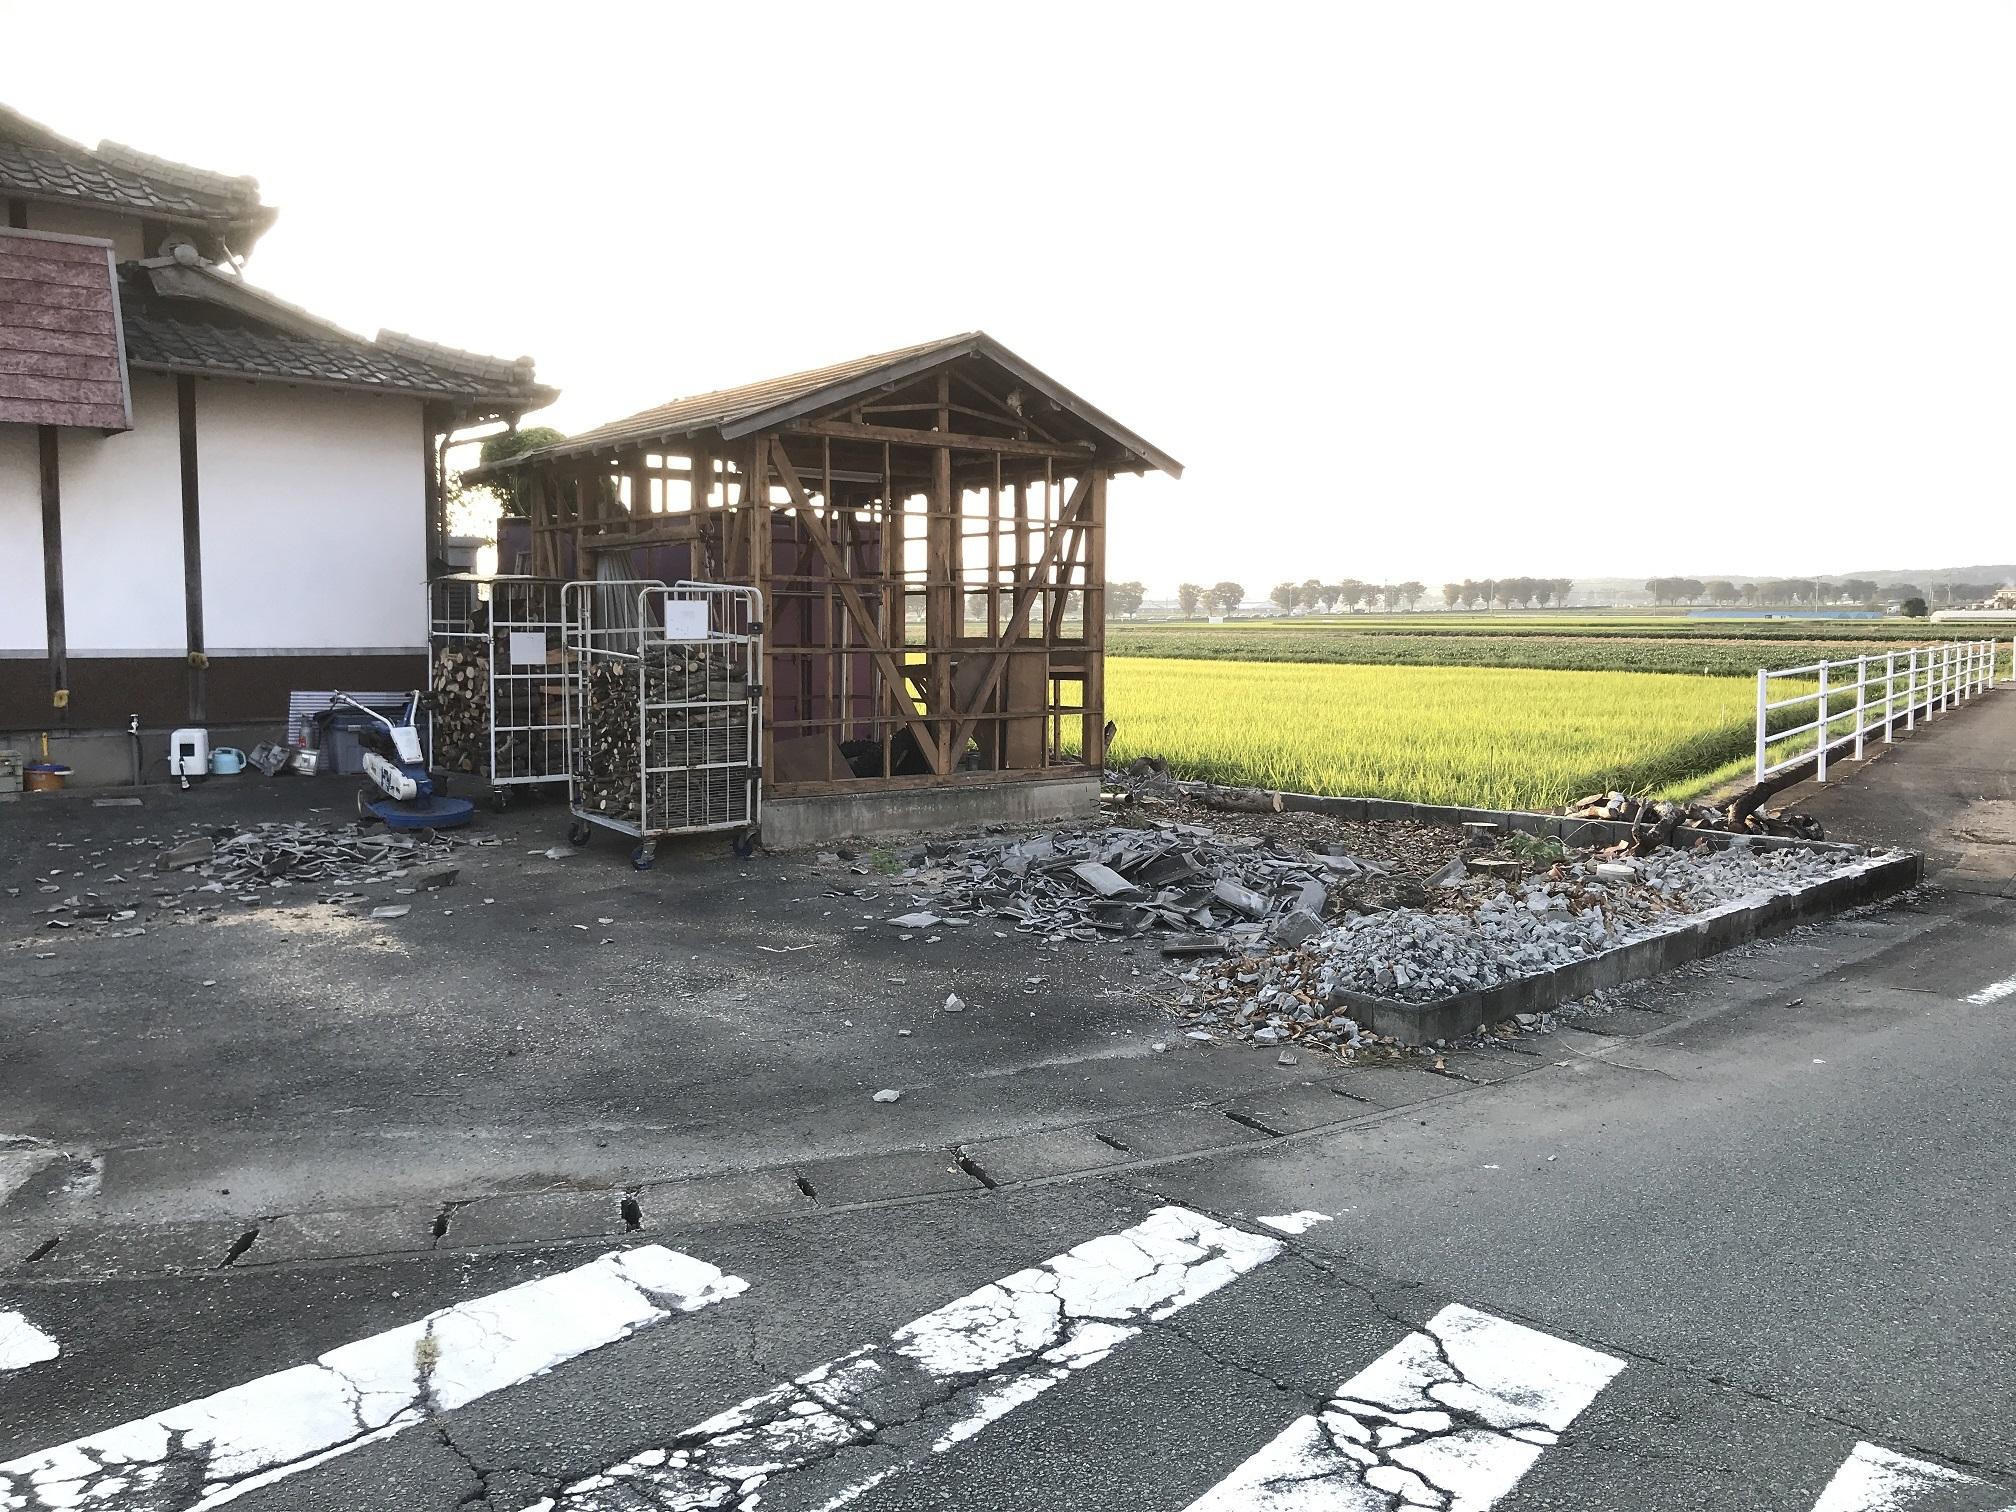 9/18木を伐採後と壁破壊後の小屋